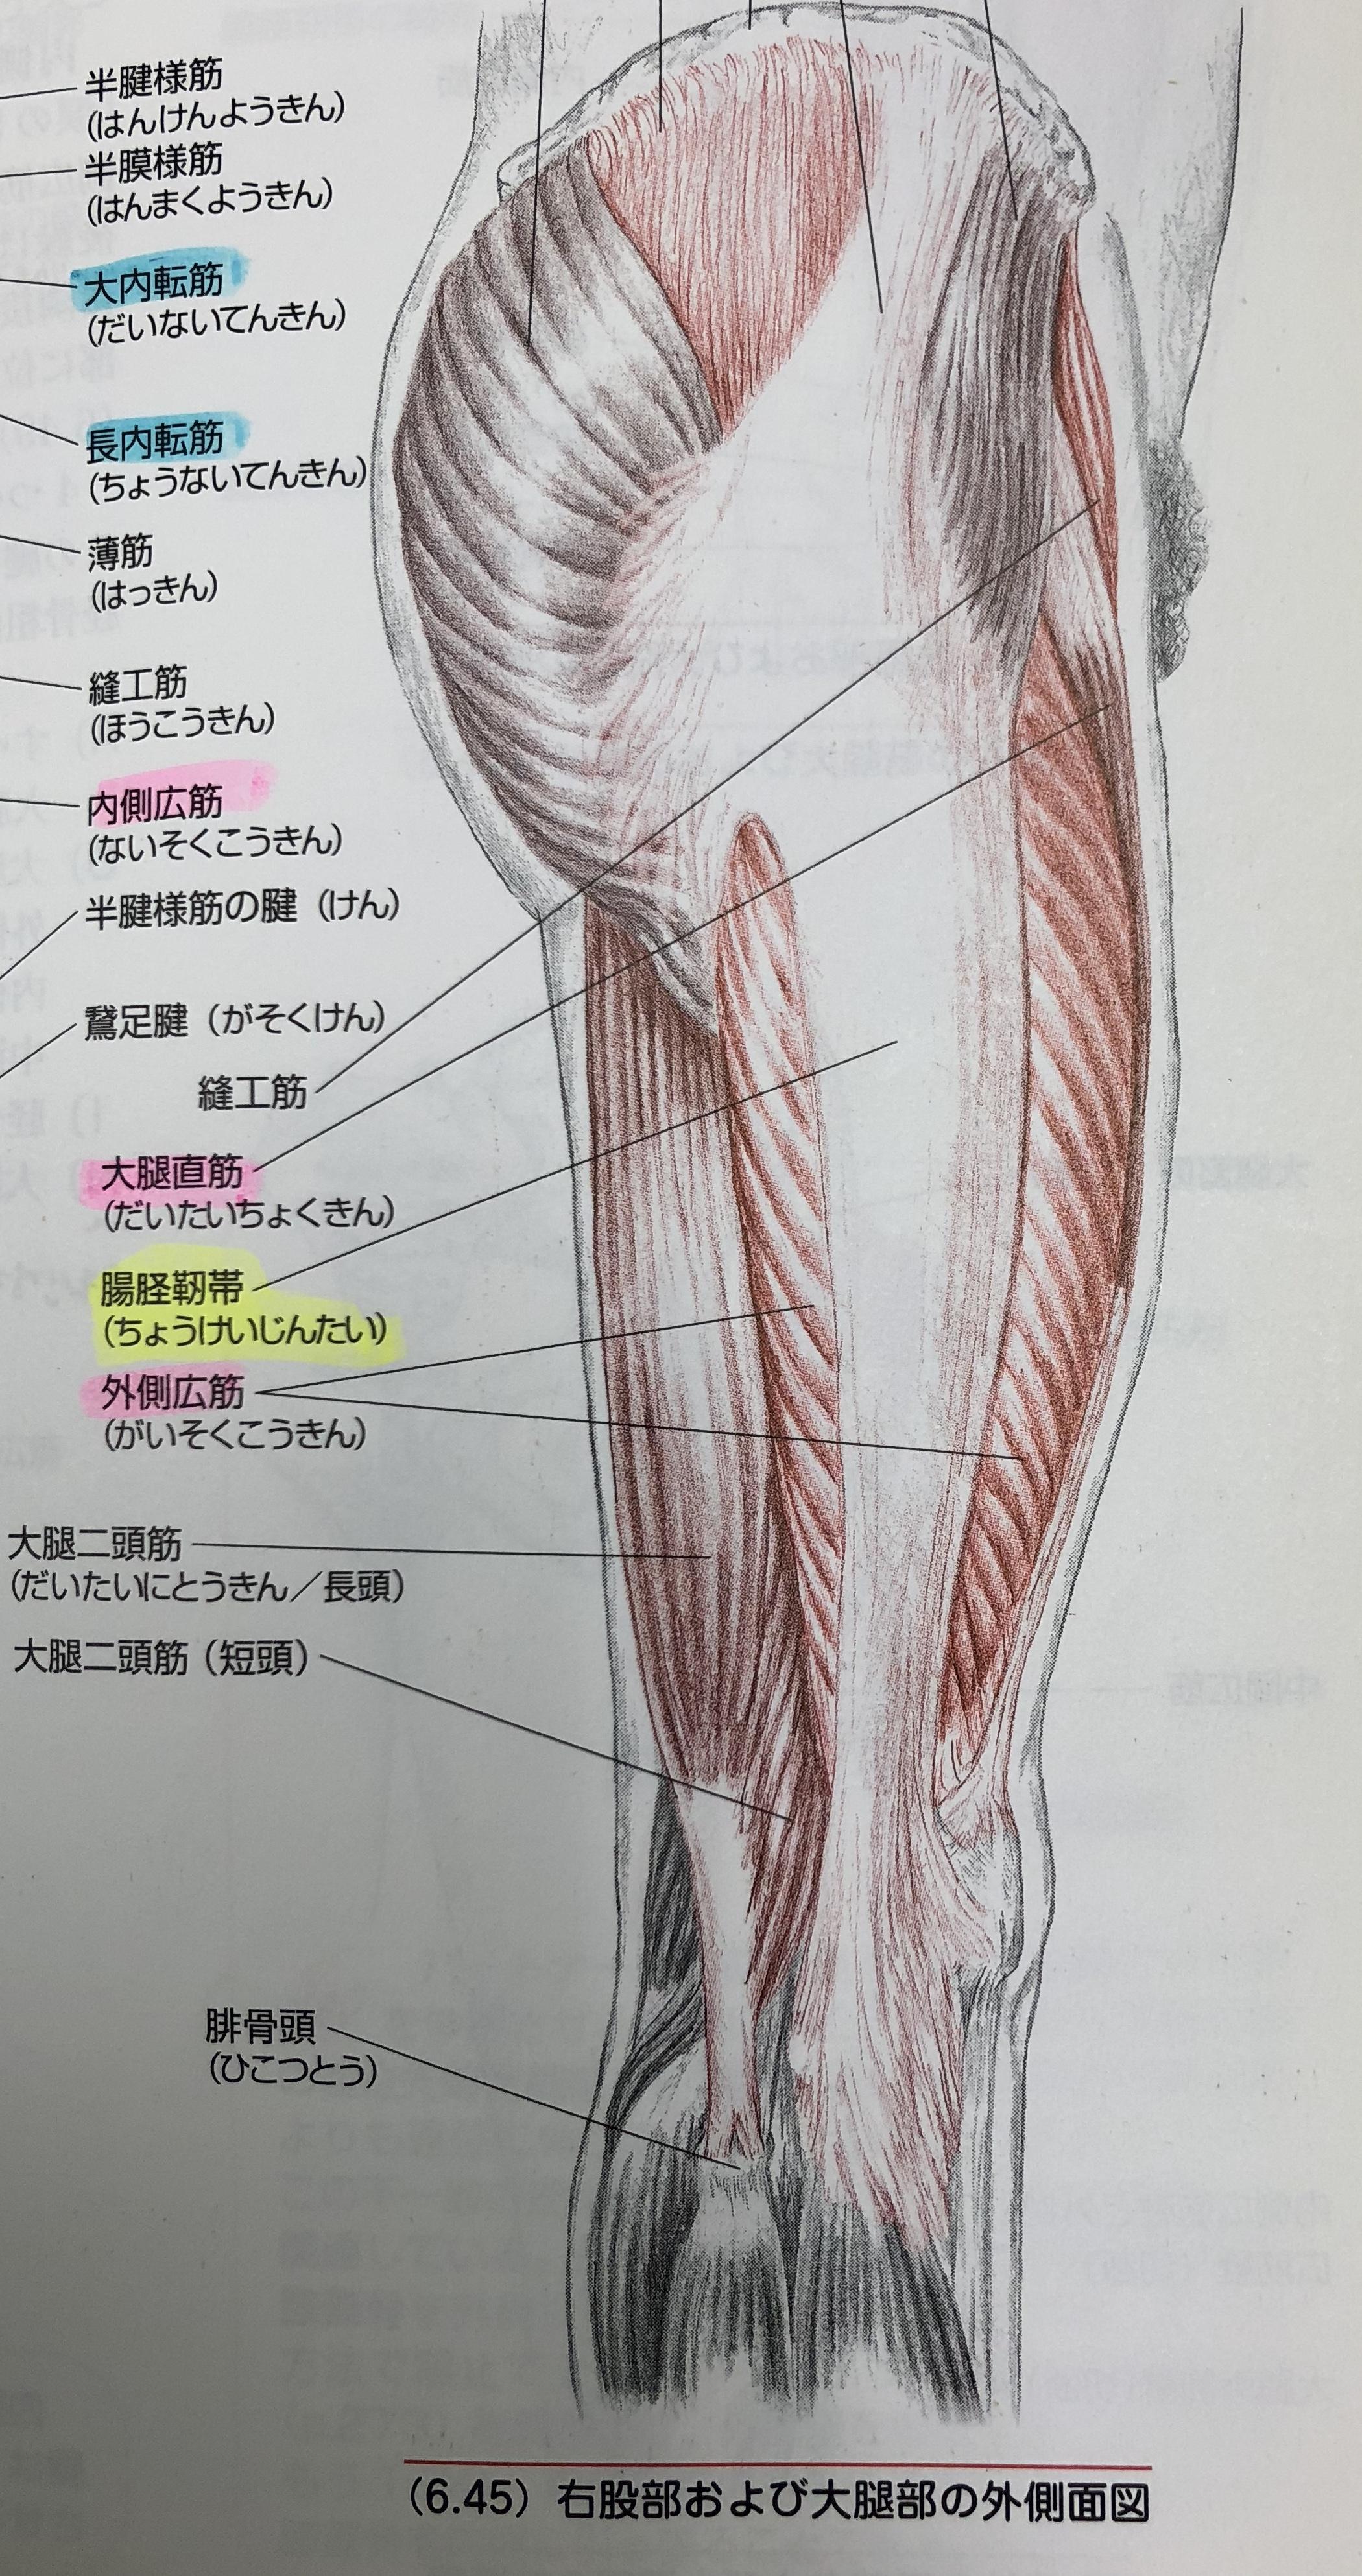 c874718e93 膝の外側の痛み(腸脛靭帯炎)『膝 治療 運動療法』 | 江東区門前仲町の ...